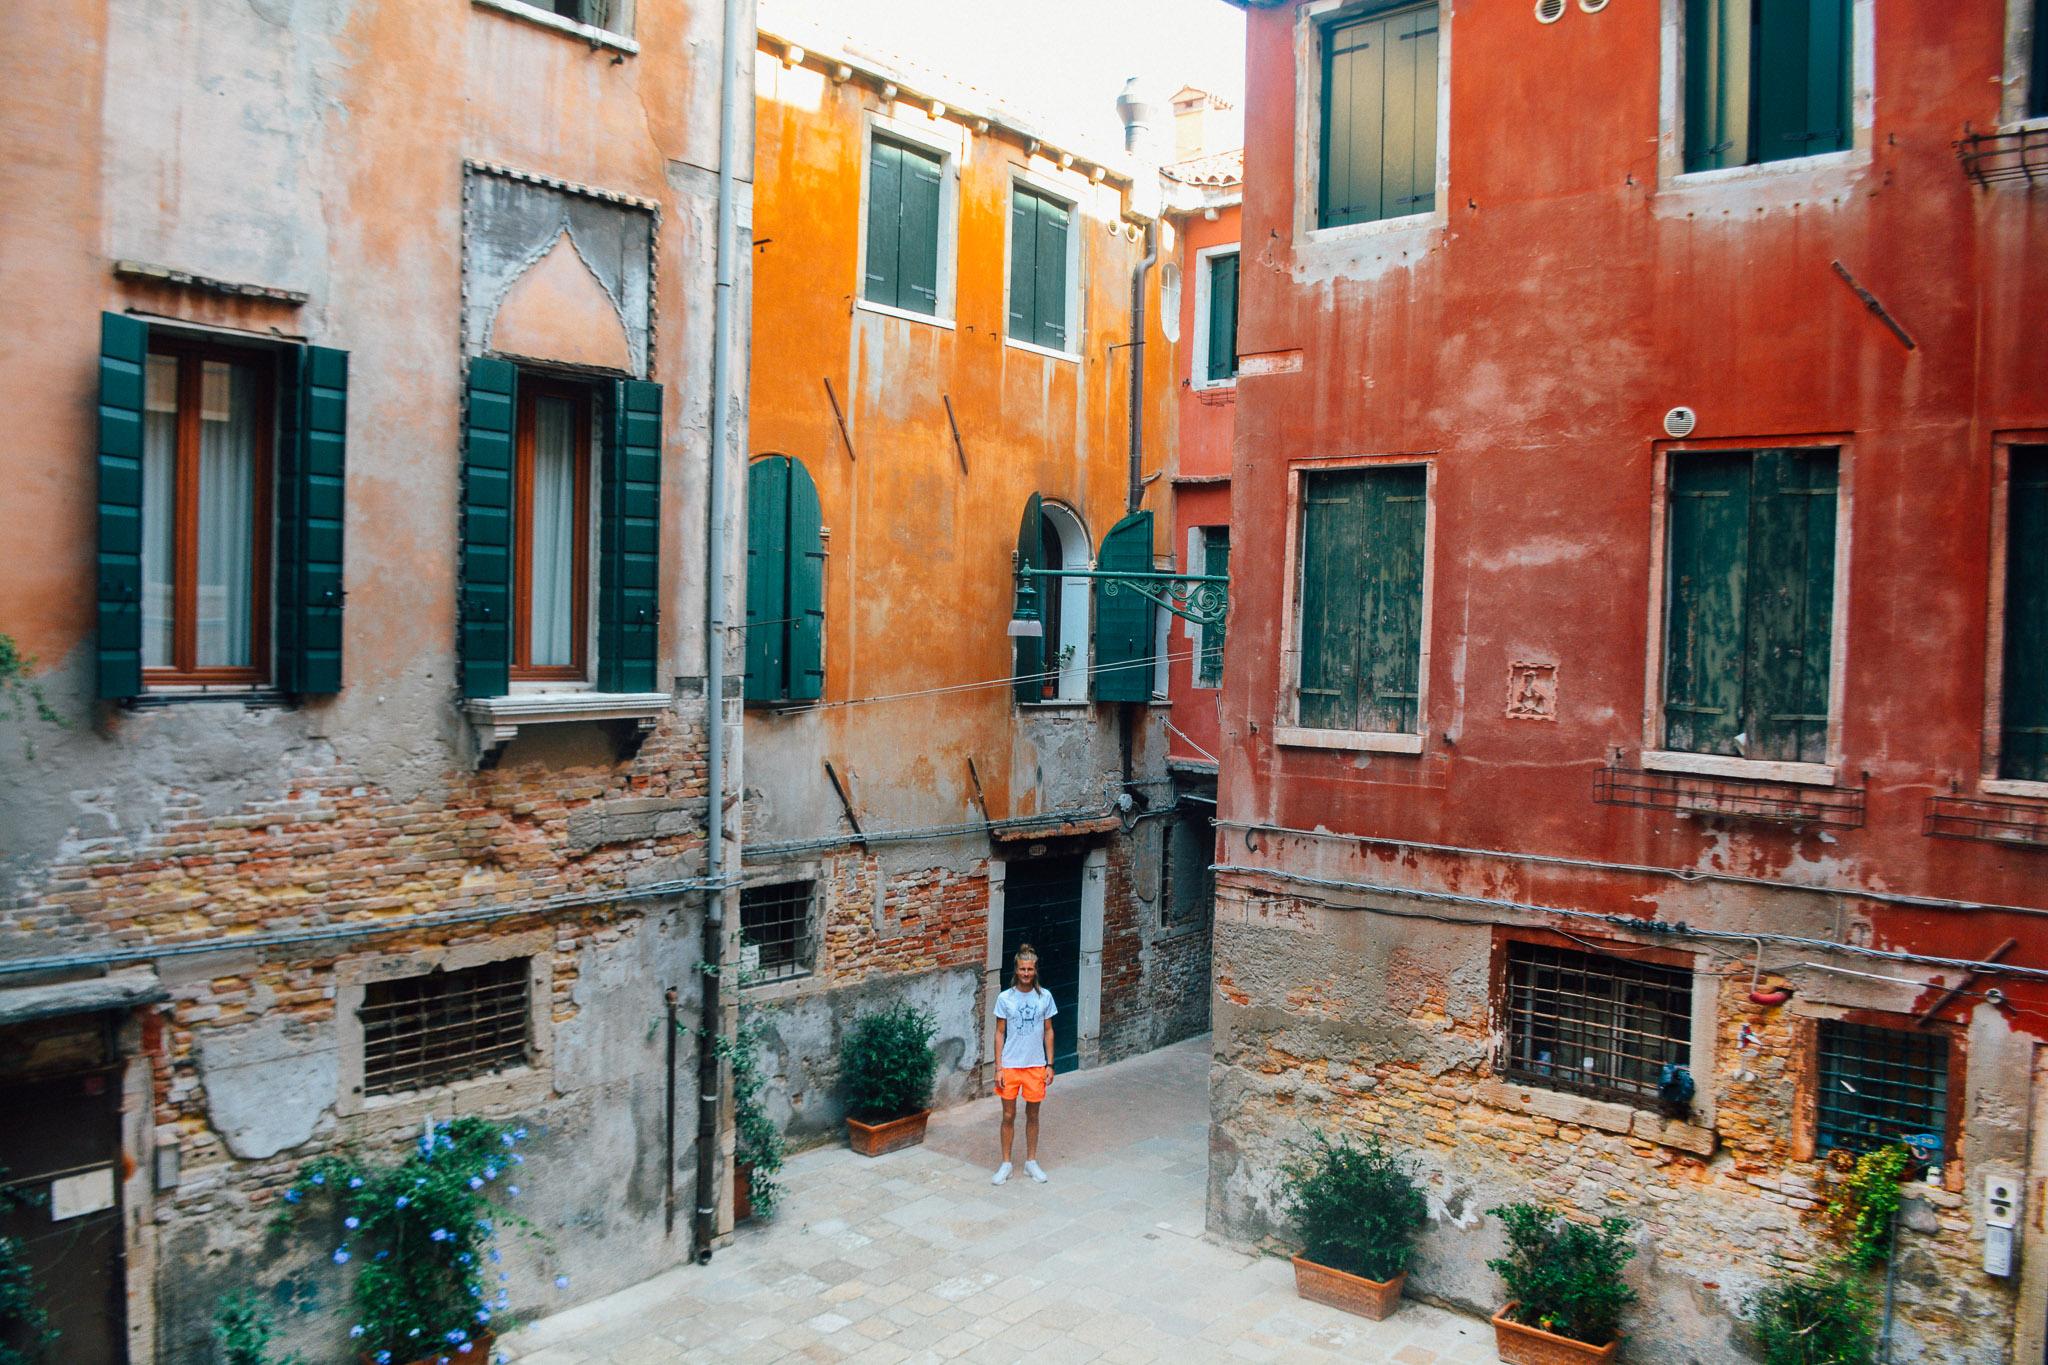 Venice_PerriRothenberg_Resized-6.jpg